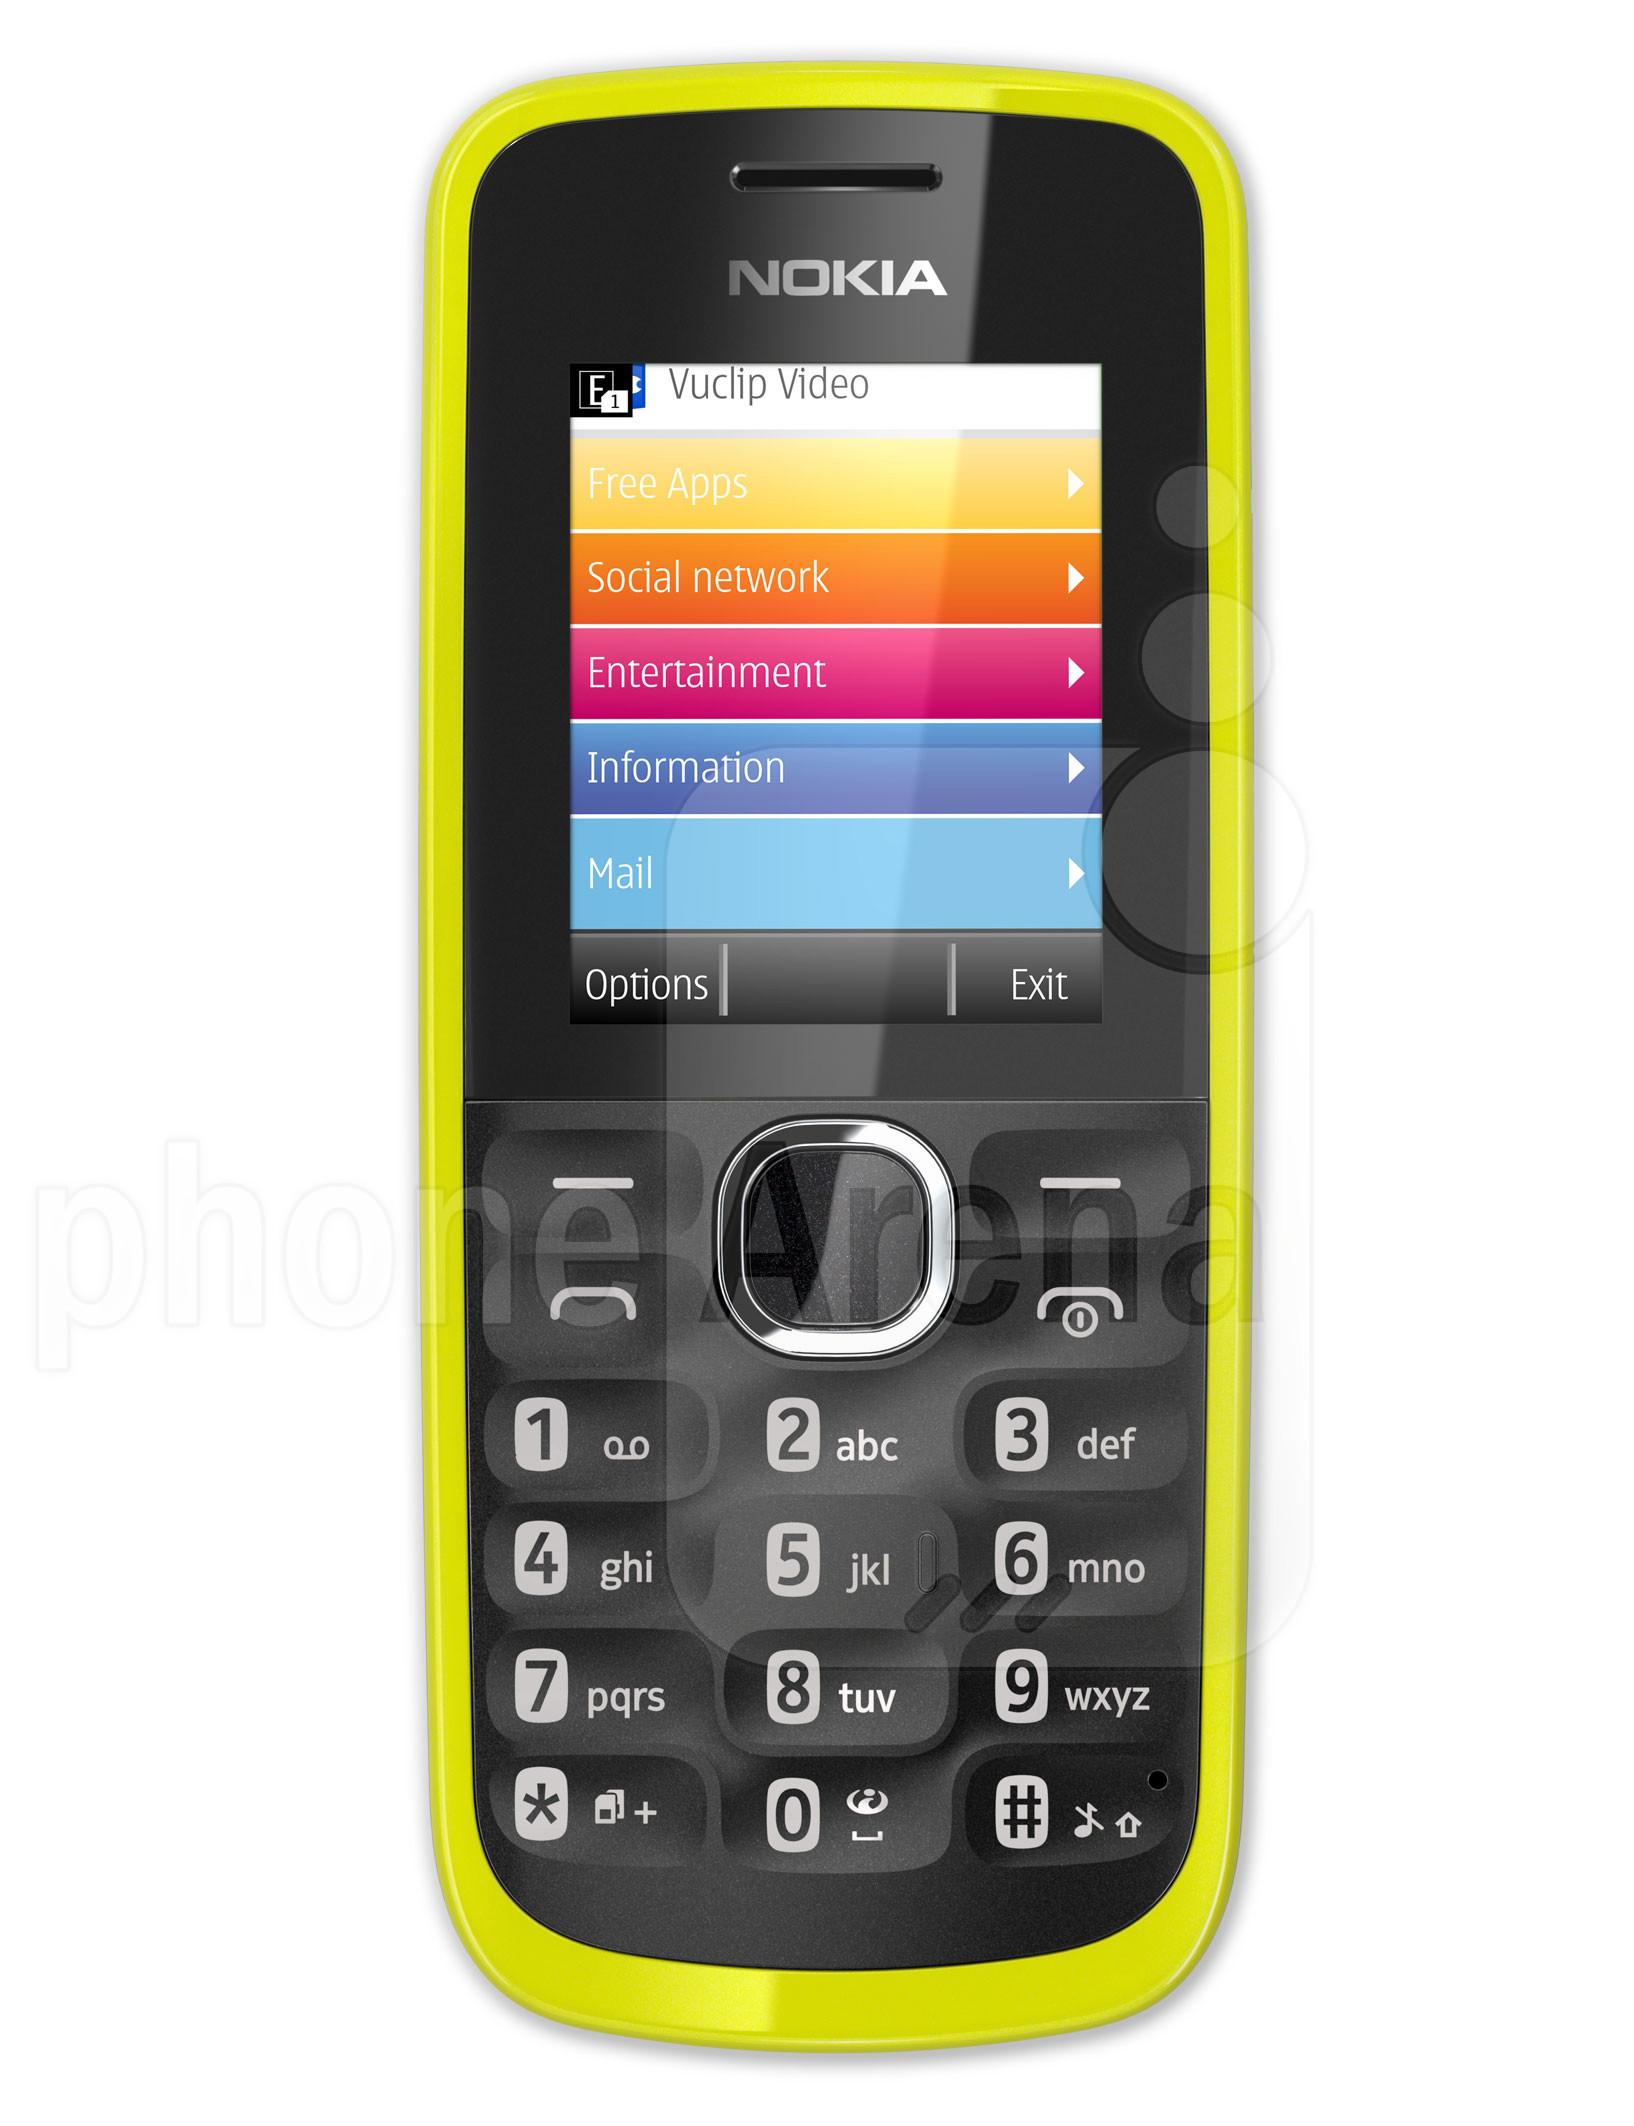 Nokia 110 specs